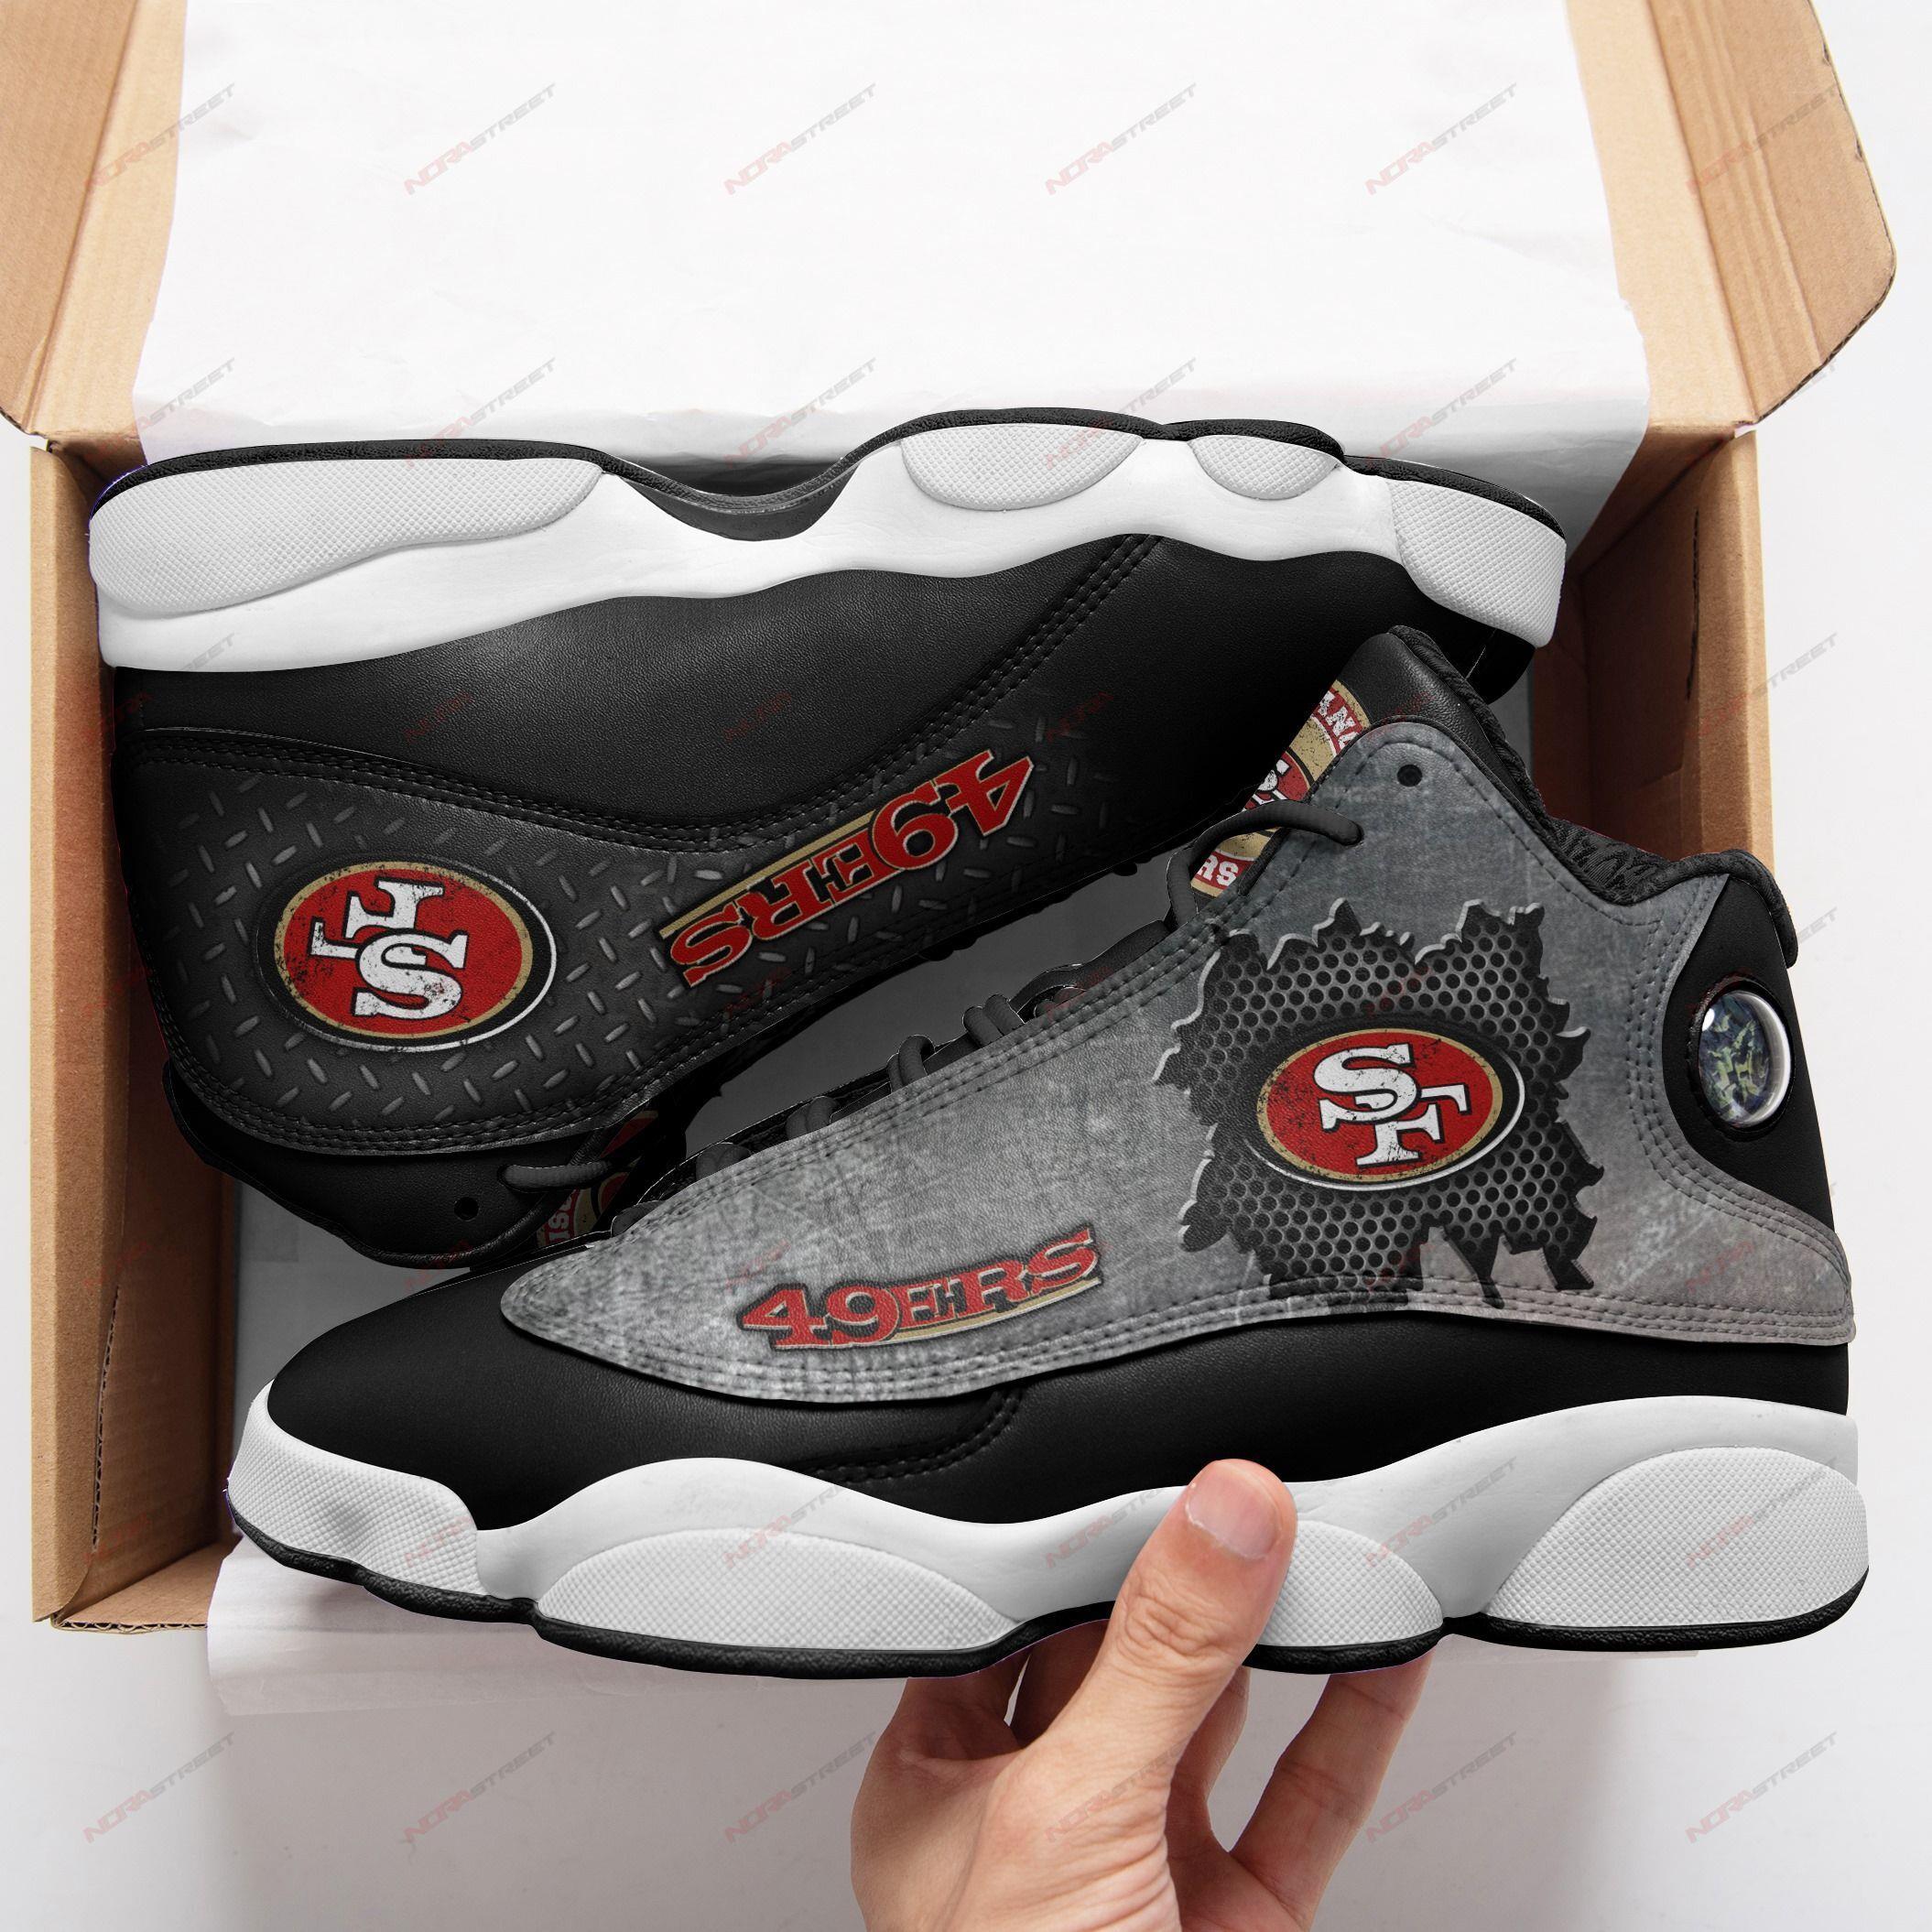 San Francisco 49ers Air Jordan 13 Sneakers Sport Shoes